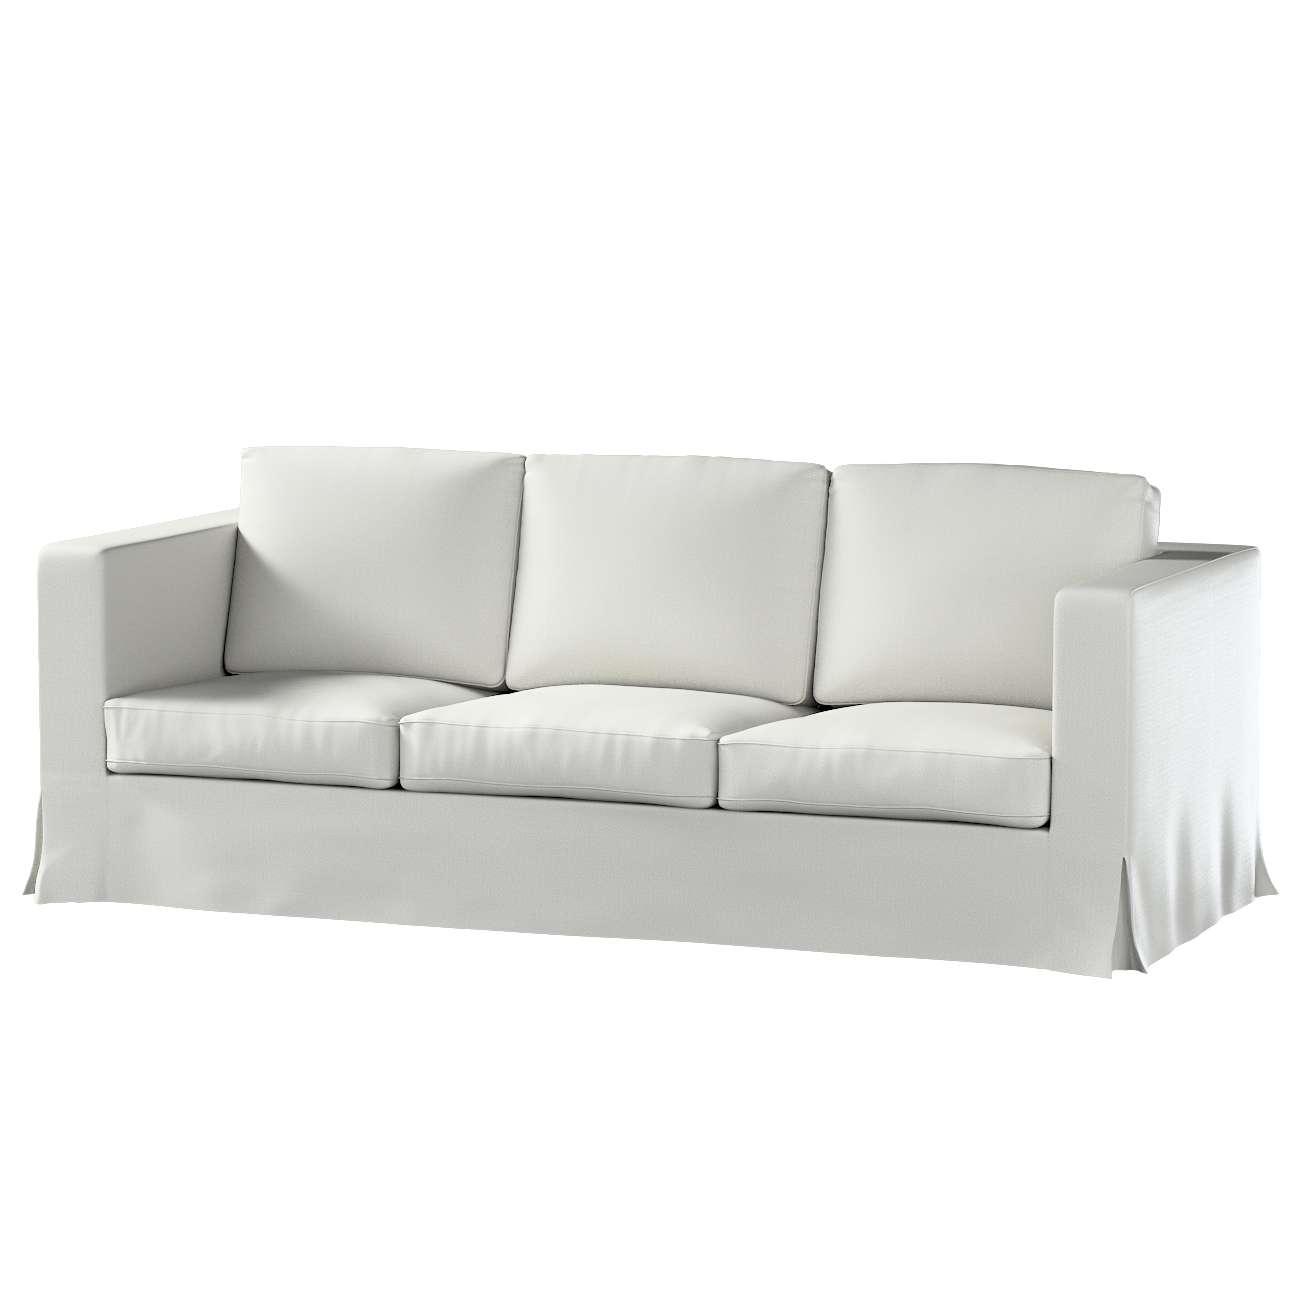 Pokrowiec na sofę Karlanda 3-osobową nierozkładaną, długi w kolekcji Bergen, tkanina: 161-84